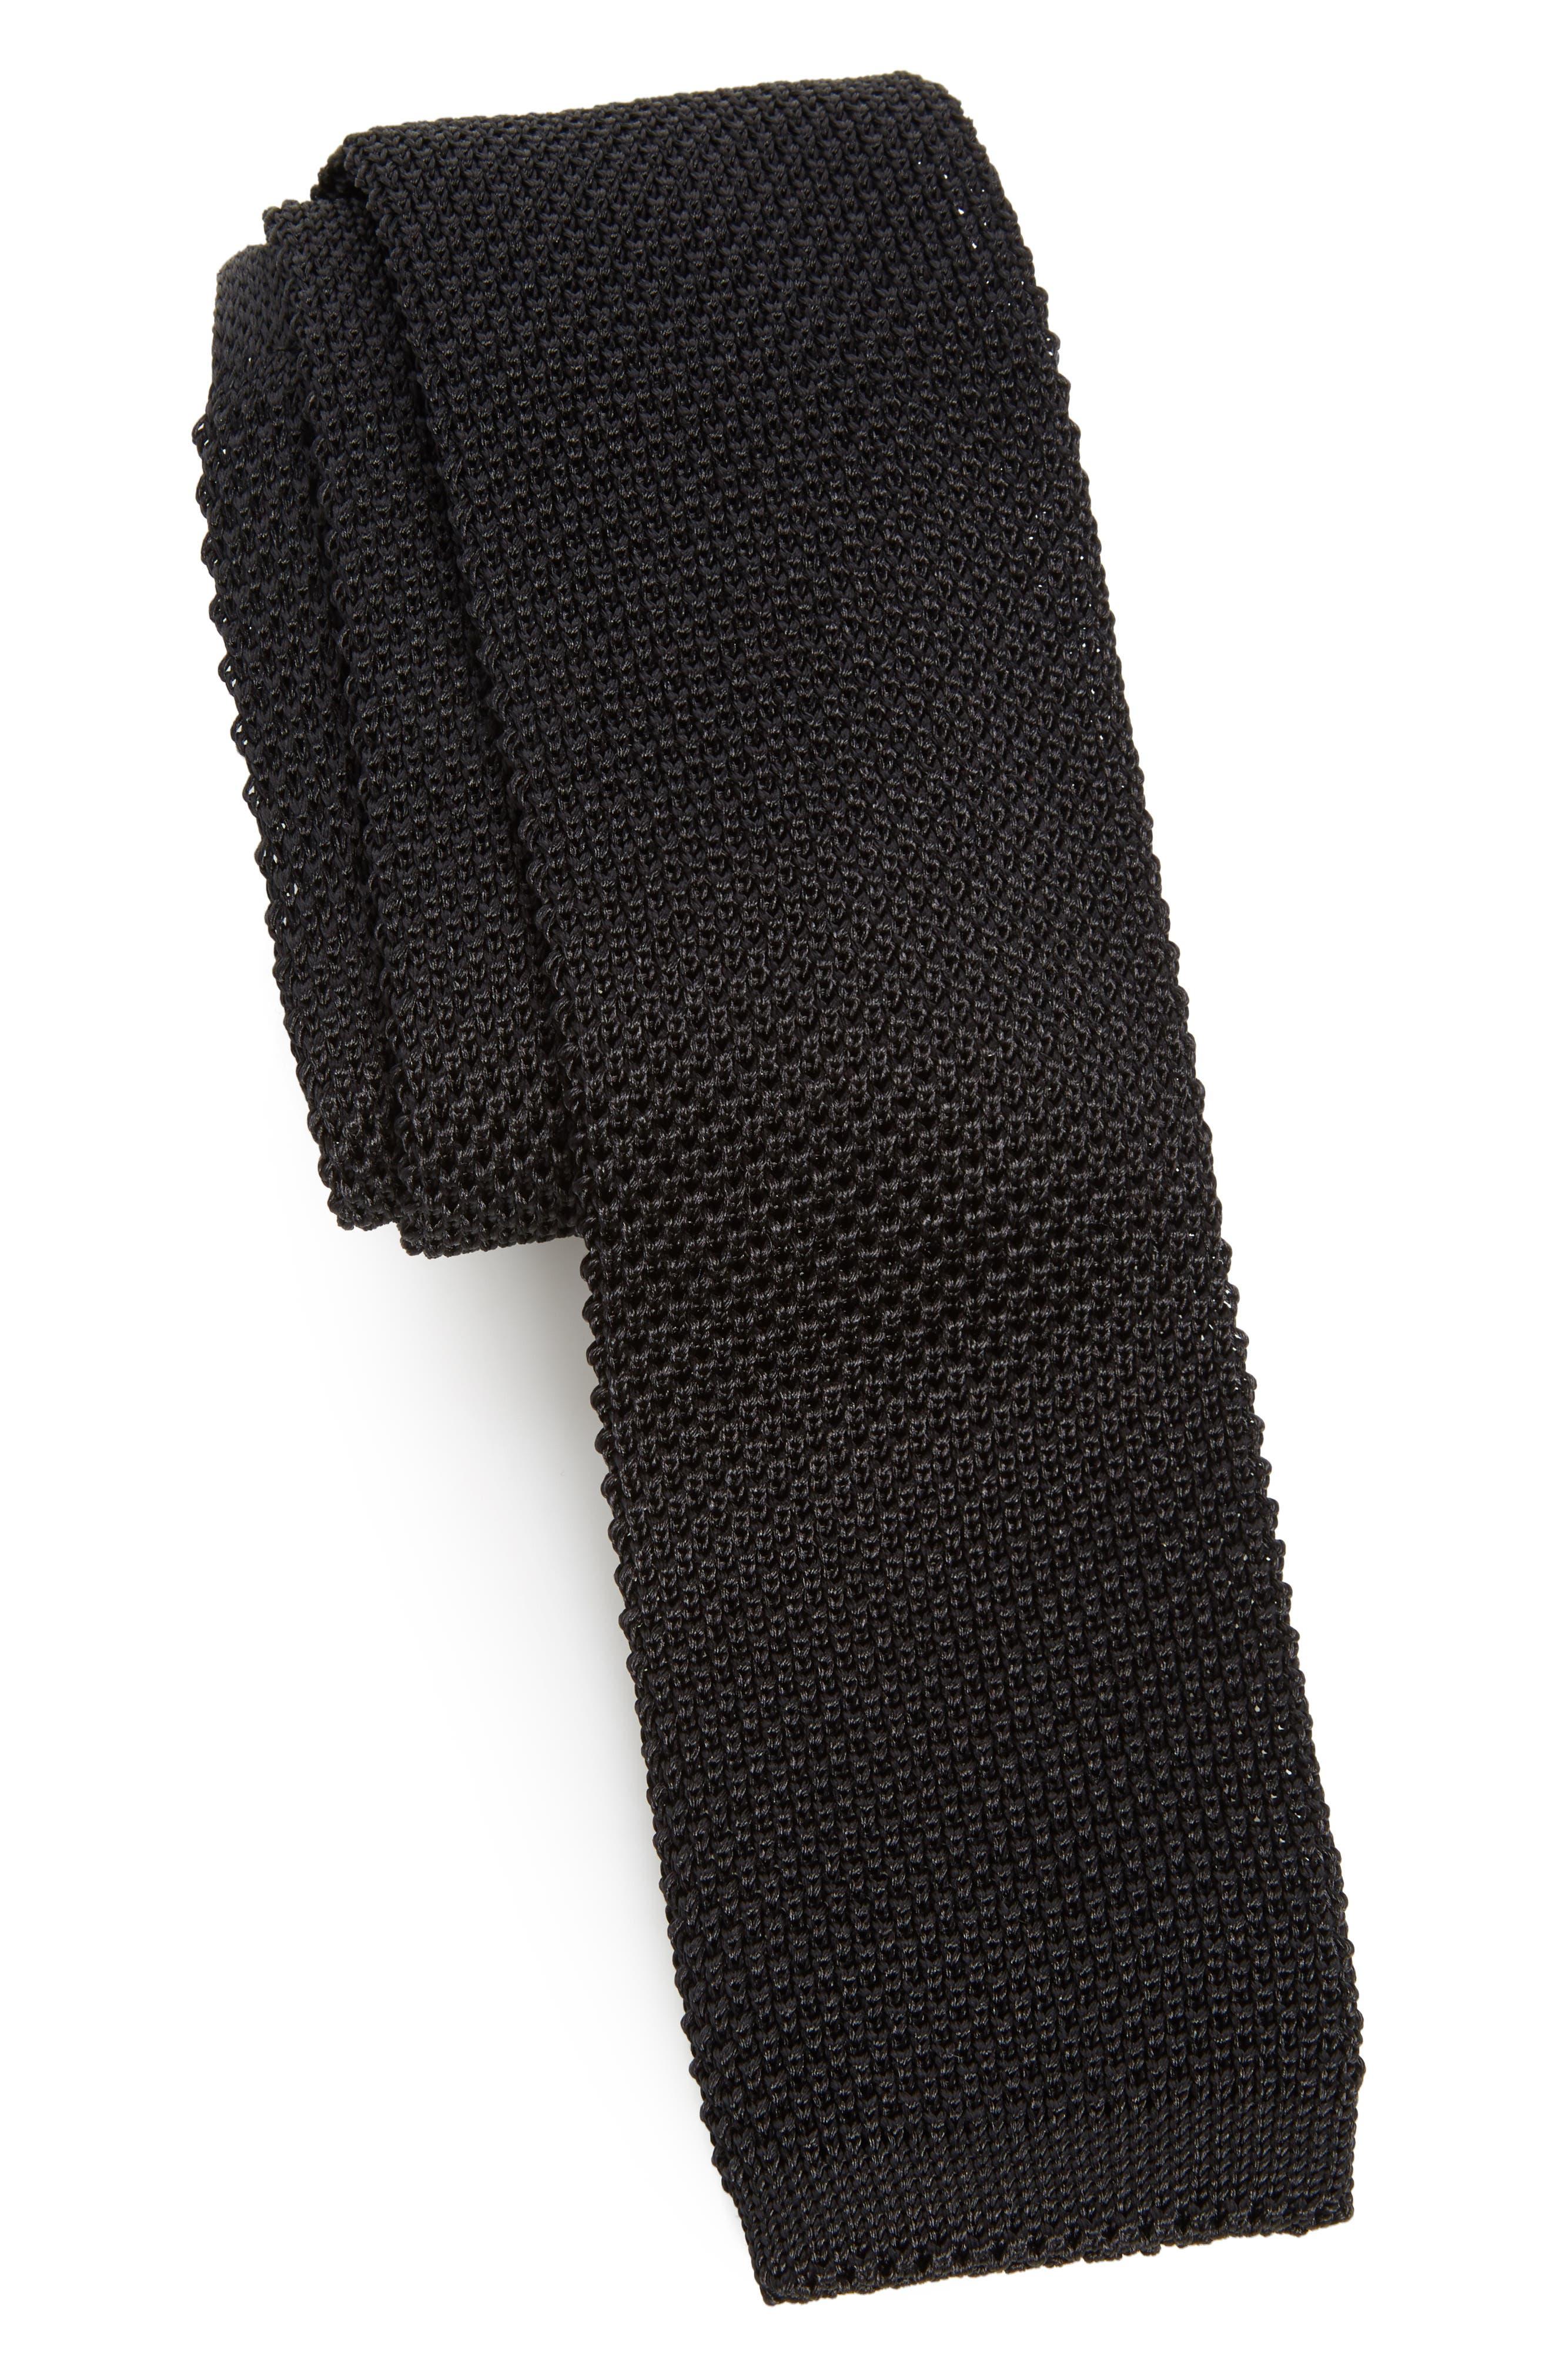 Stuart Silk Knit Tie,                         Main,                         color, 001